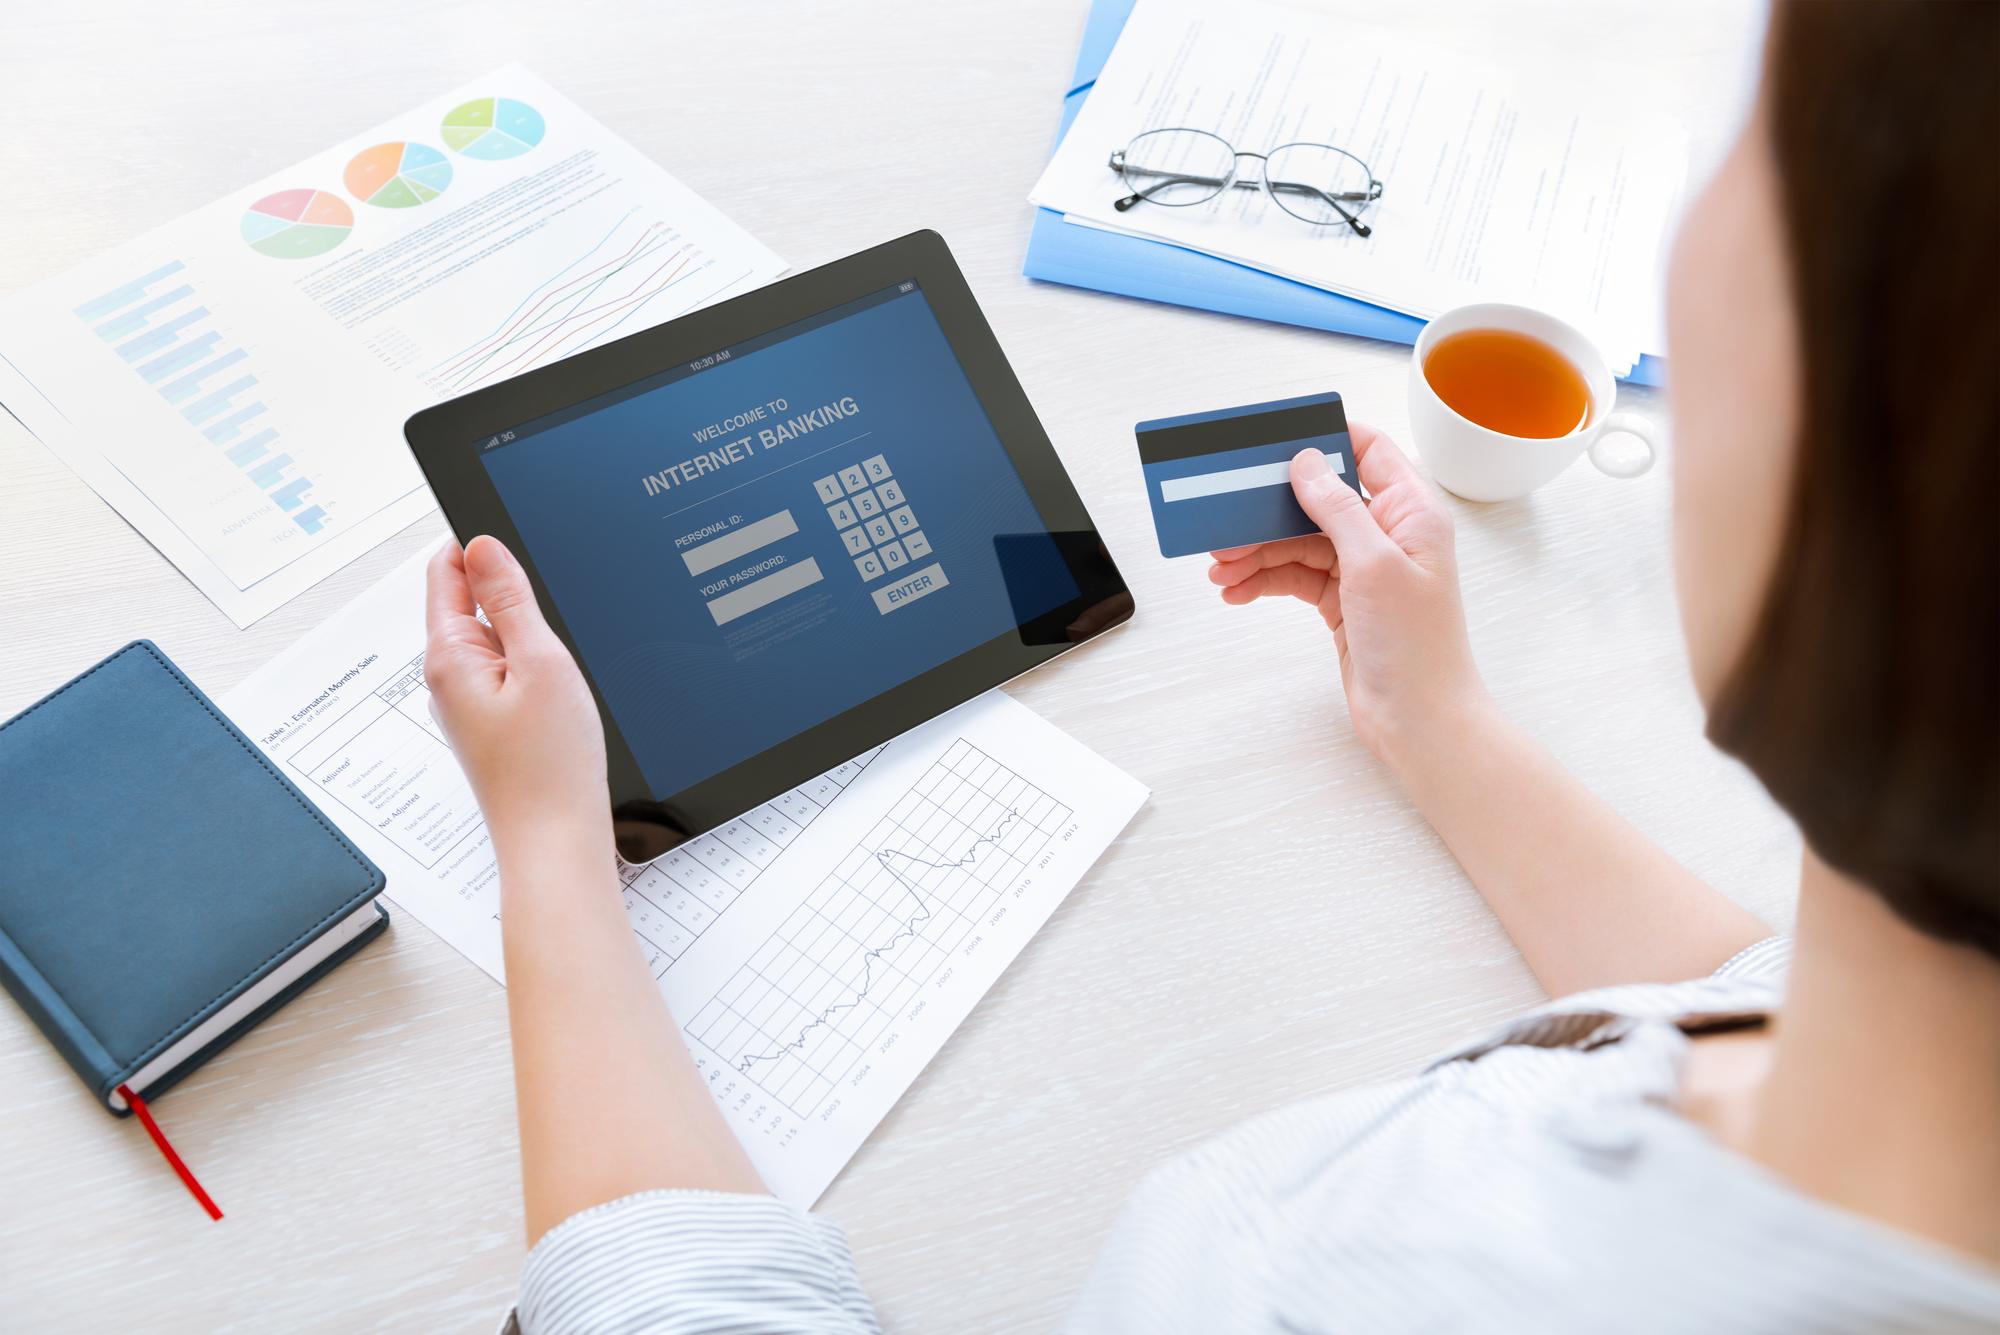 Adobe надасть банкам свою платформу штучного інтелекту